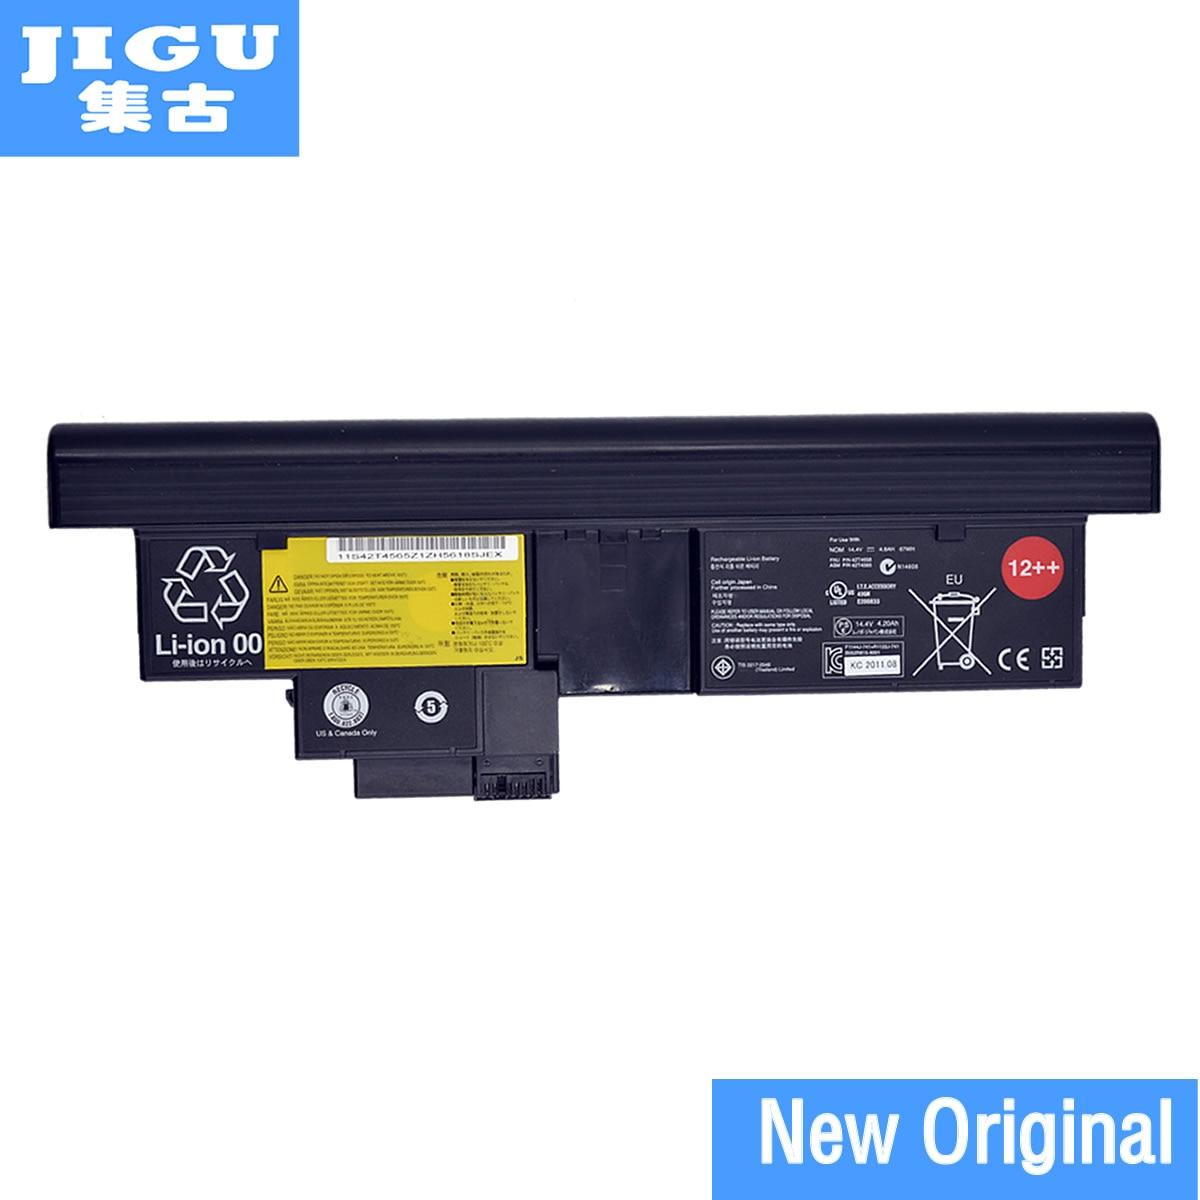 JIGU 43R9257 42T4565 42T4658 42T4827 Original laptop Battery For Lenovo for ThinkPad X200t x201t X200 Tablet 2266 7448 7450 jigu l09n8t22 l09n8y22 l09p8y22 lo9p8y22 original laptop battery for lenovo ideapad u460 14 4v 64wh